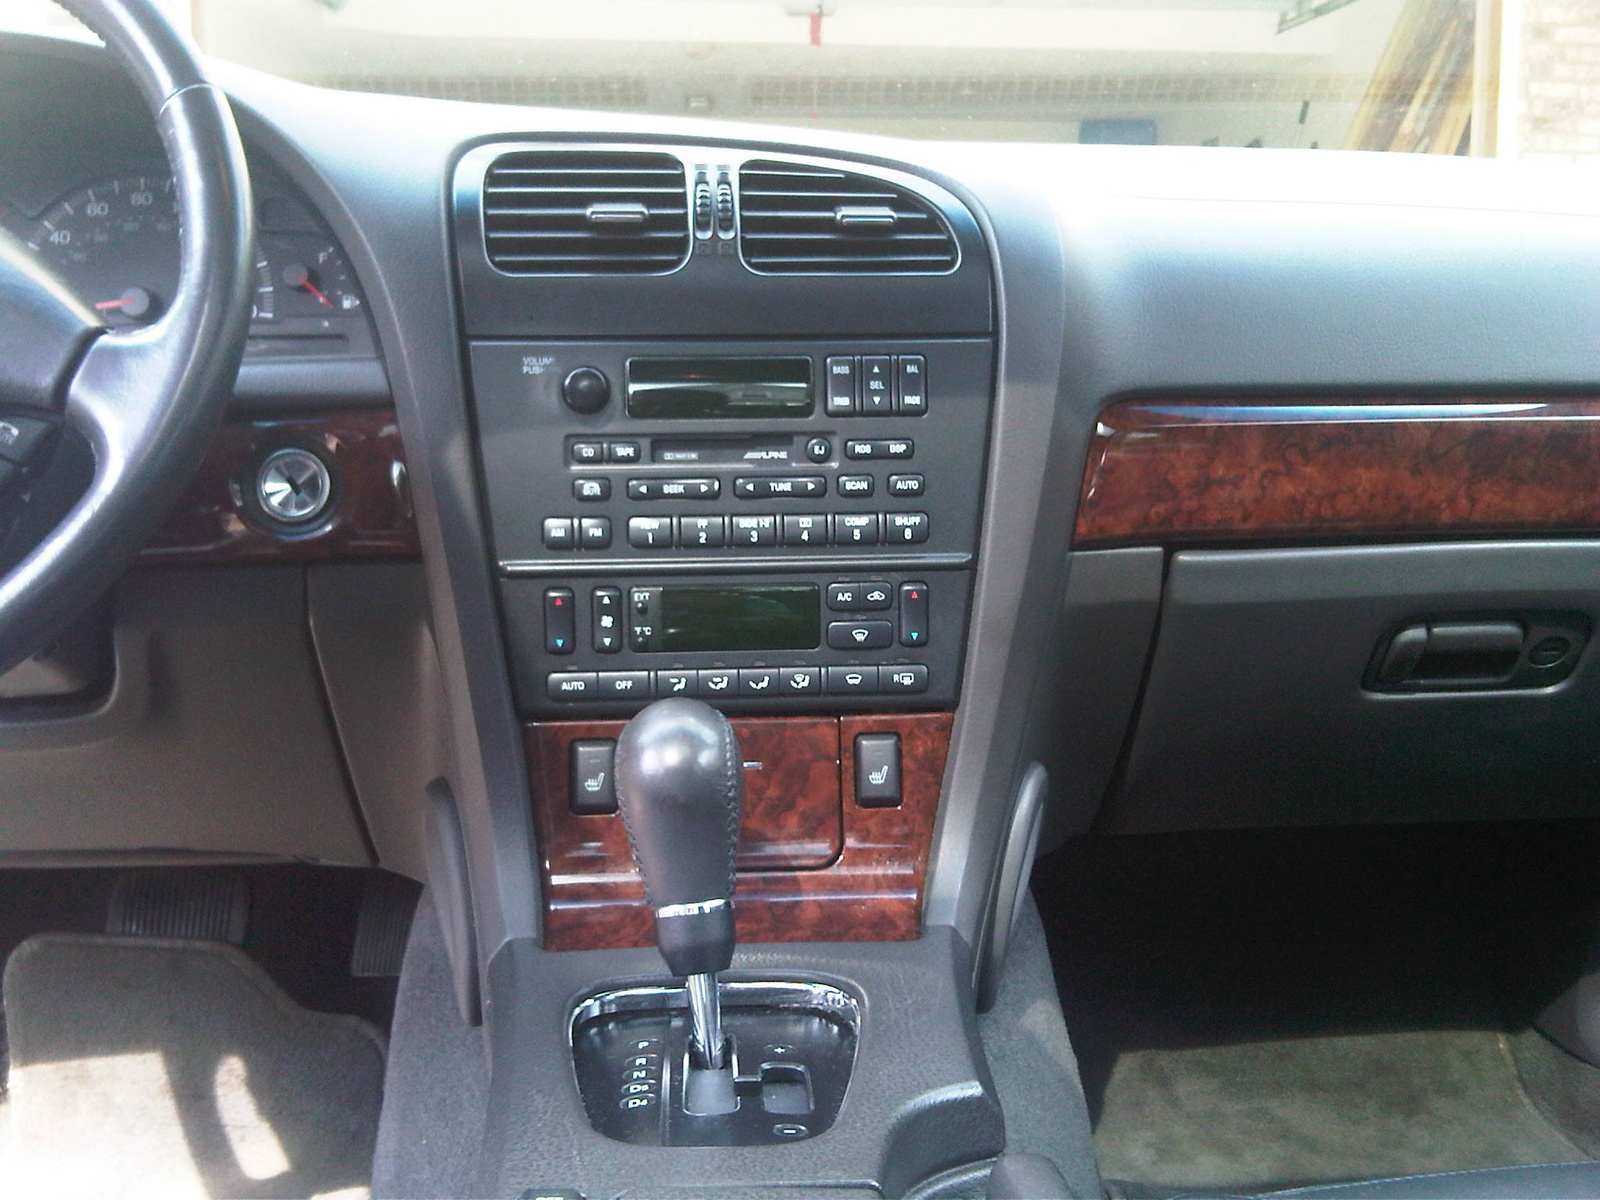 2000 Lincoln Ls Interior Pictures Cargurus